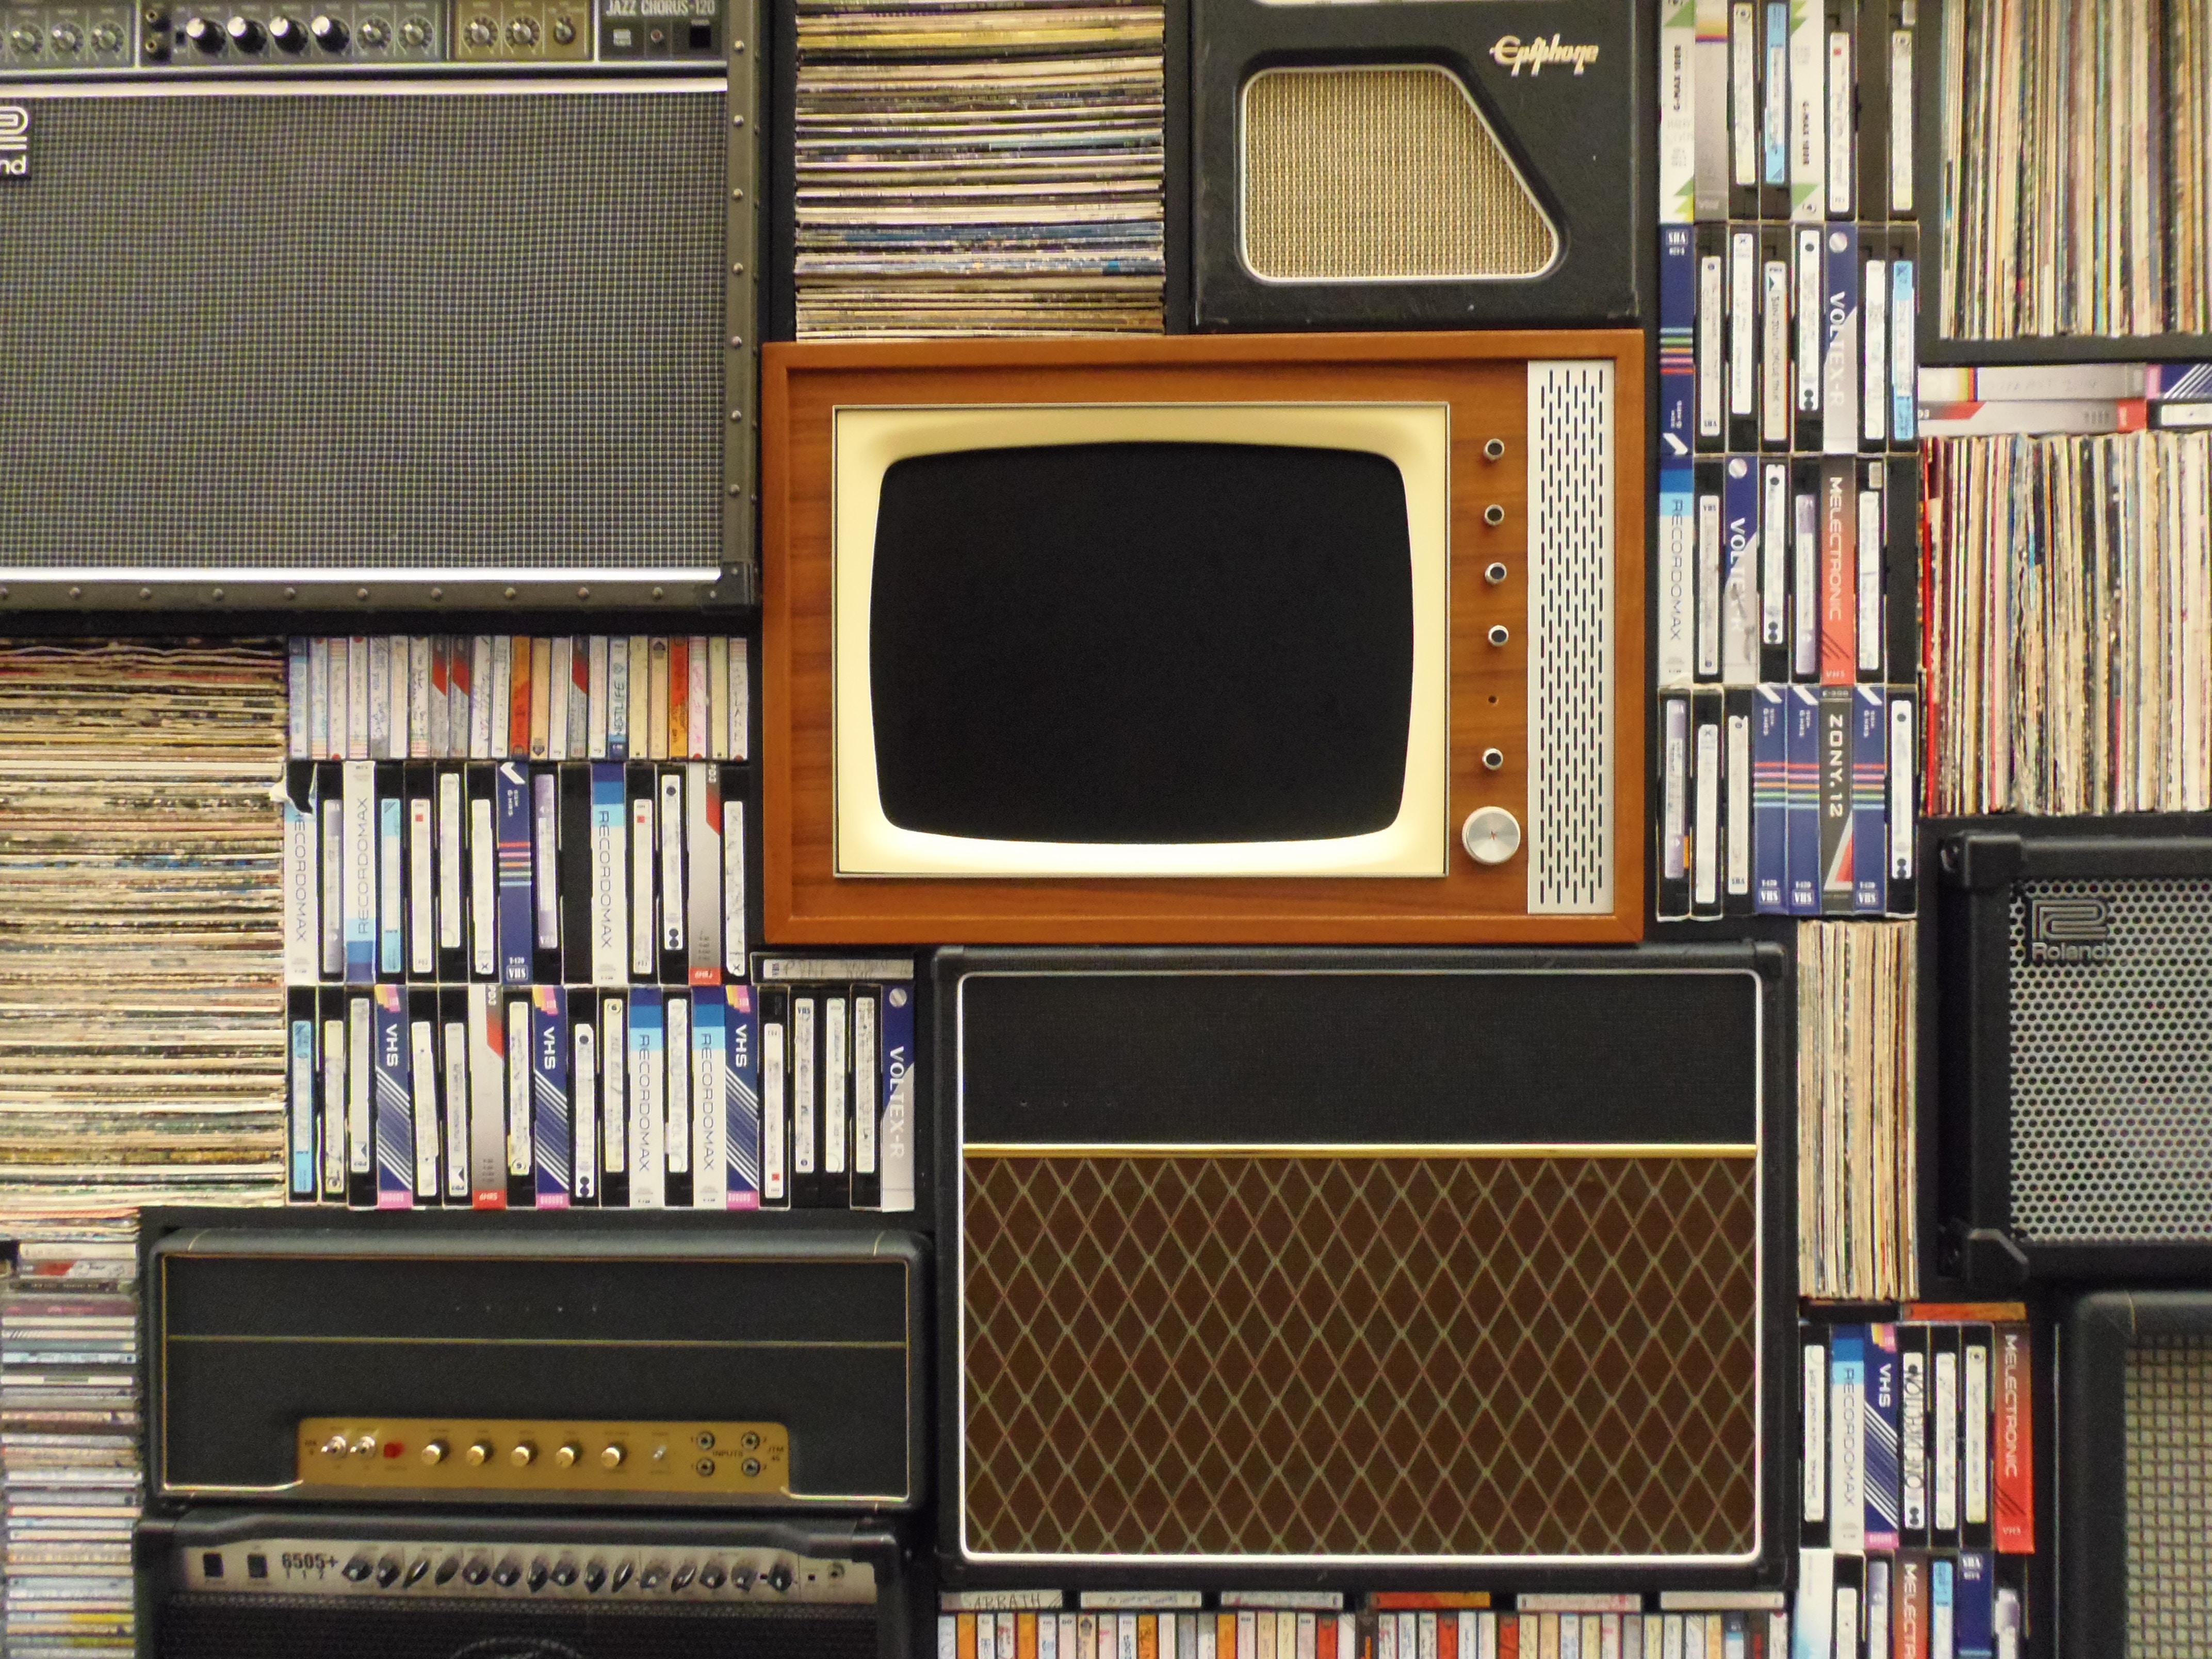 several transistor radios and book lots